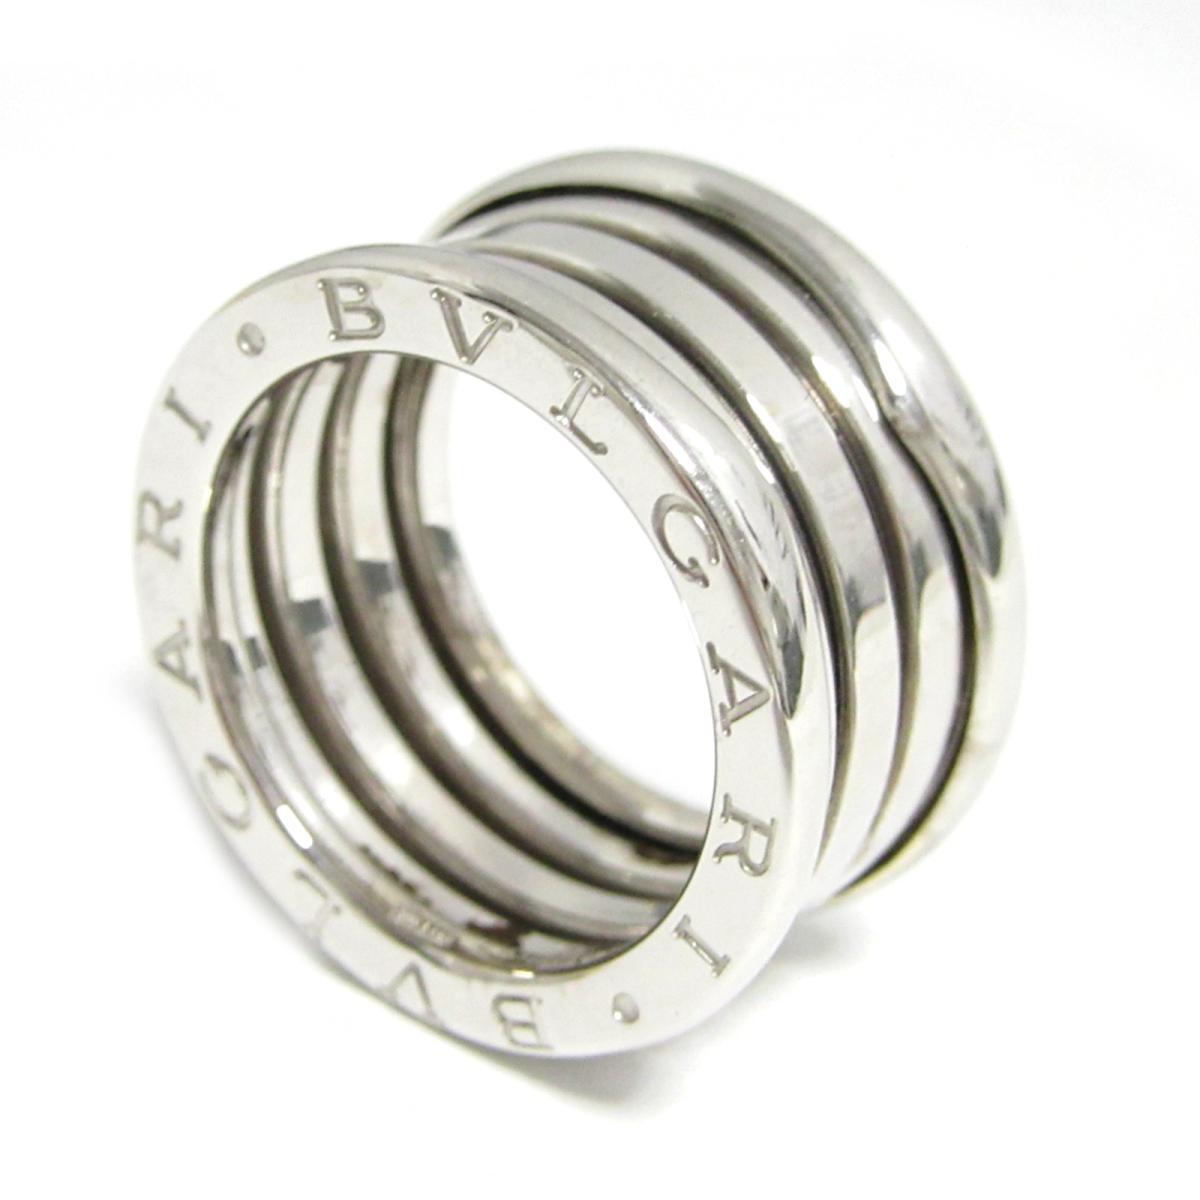 quite nice b4e81 156fe 楽天市場】ブルガリ B-zero1 ビーゼロワン リング Mサイズ 指輪 ...